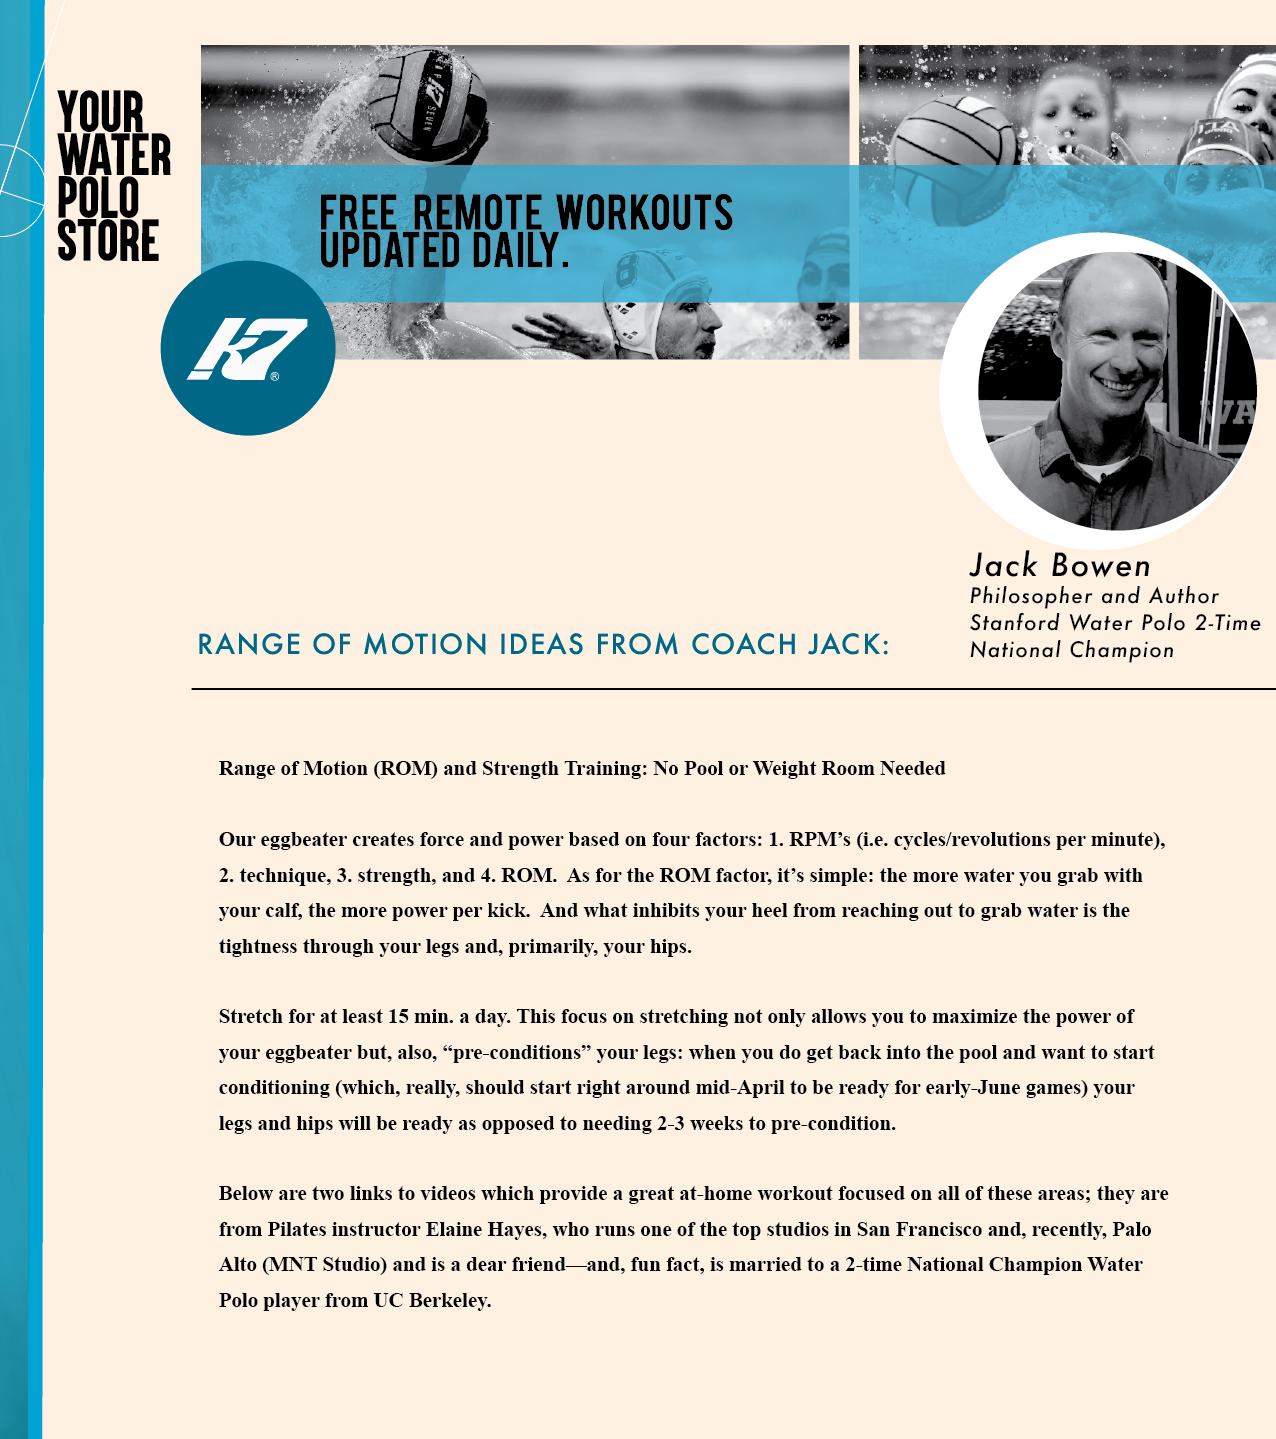 kap7-remote-workouts-jack-b-pilates-2020-1-copy-33.png